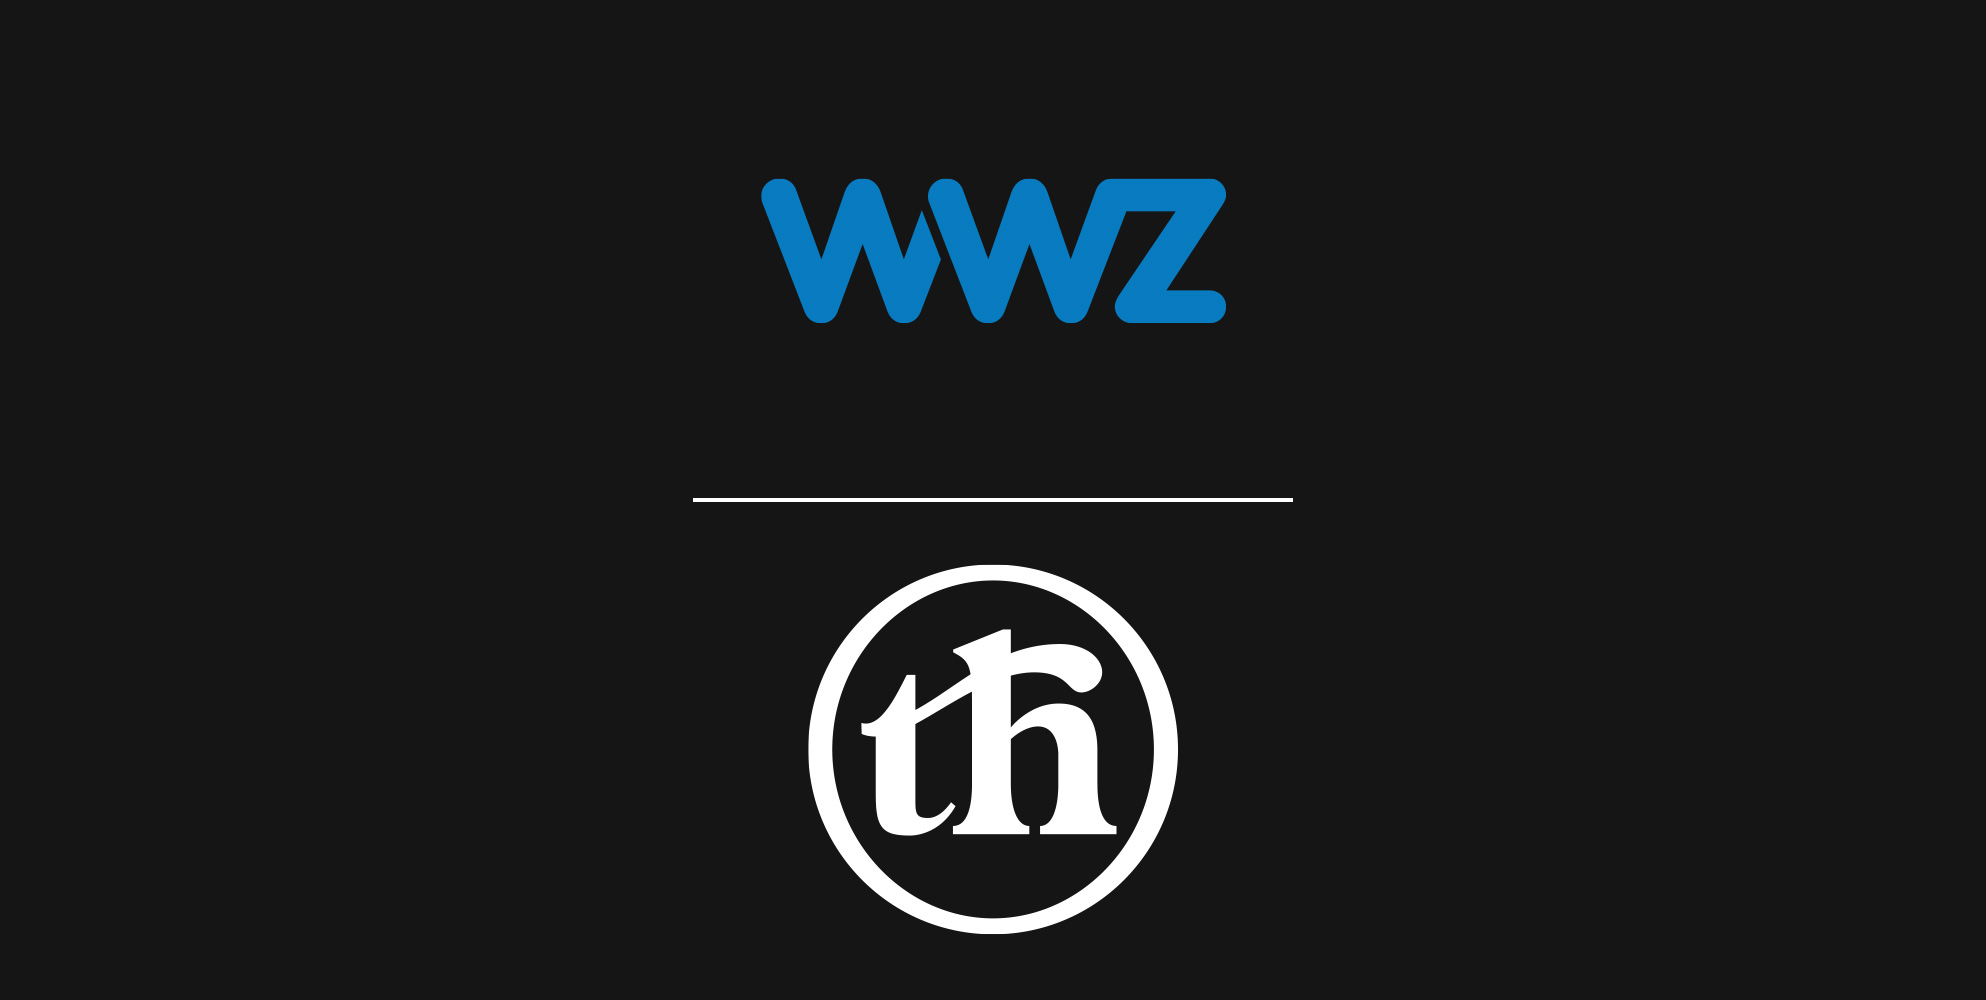 The House wird neue Lead-Agentur von WWZ